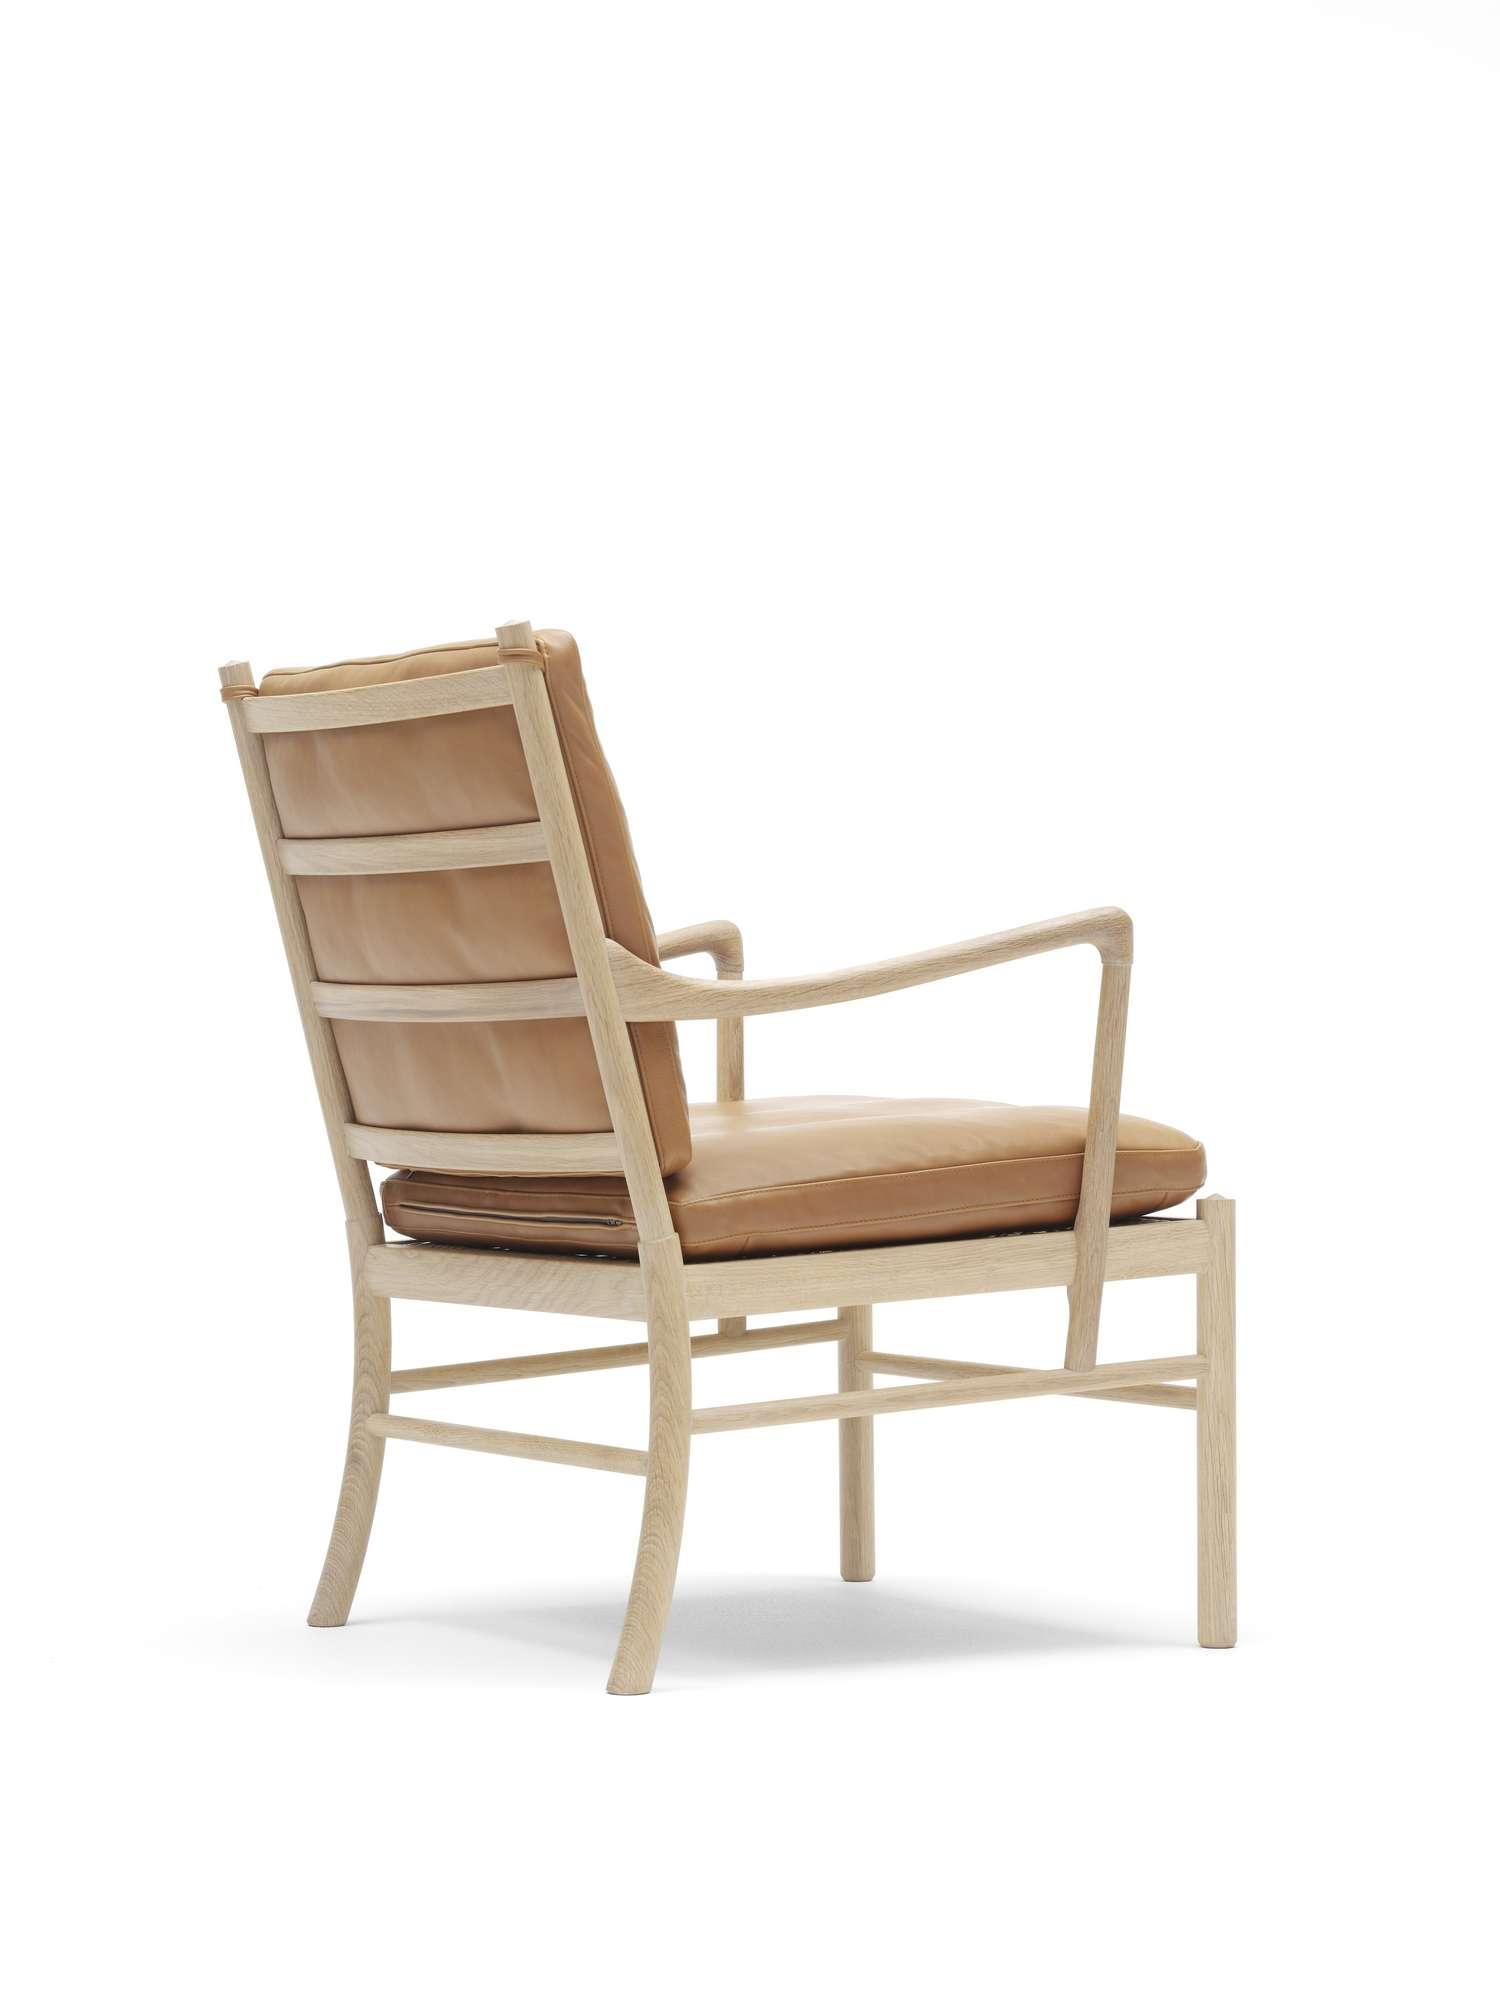 OW149 Colonial Chair Carl Hansen & Søn